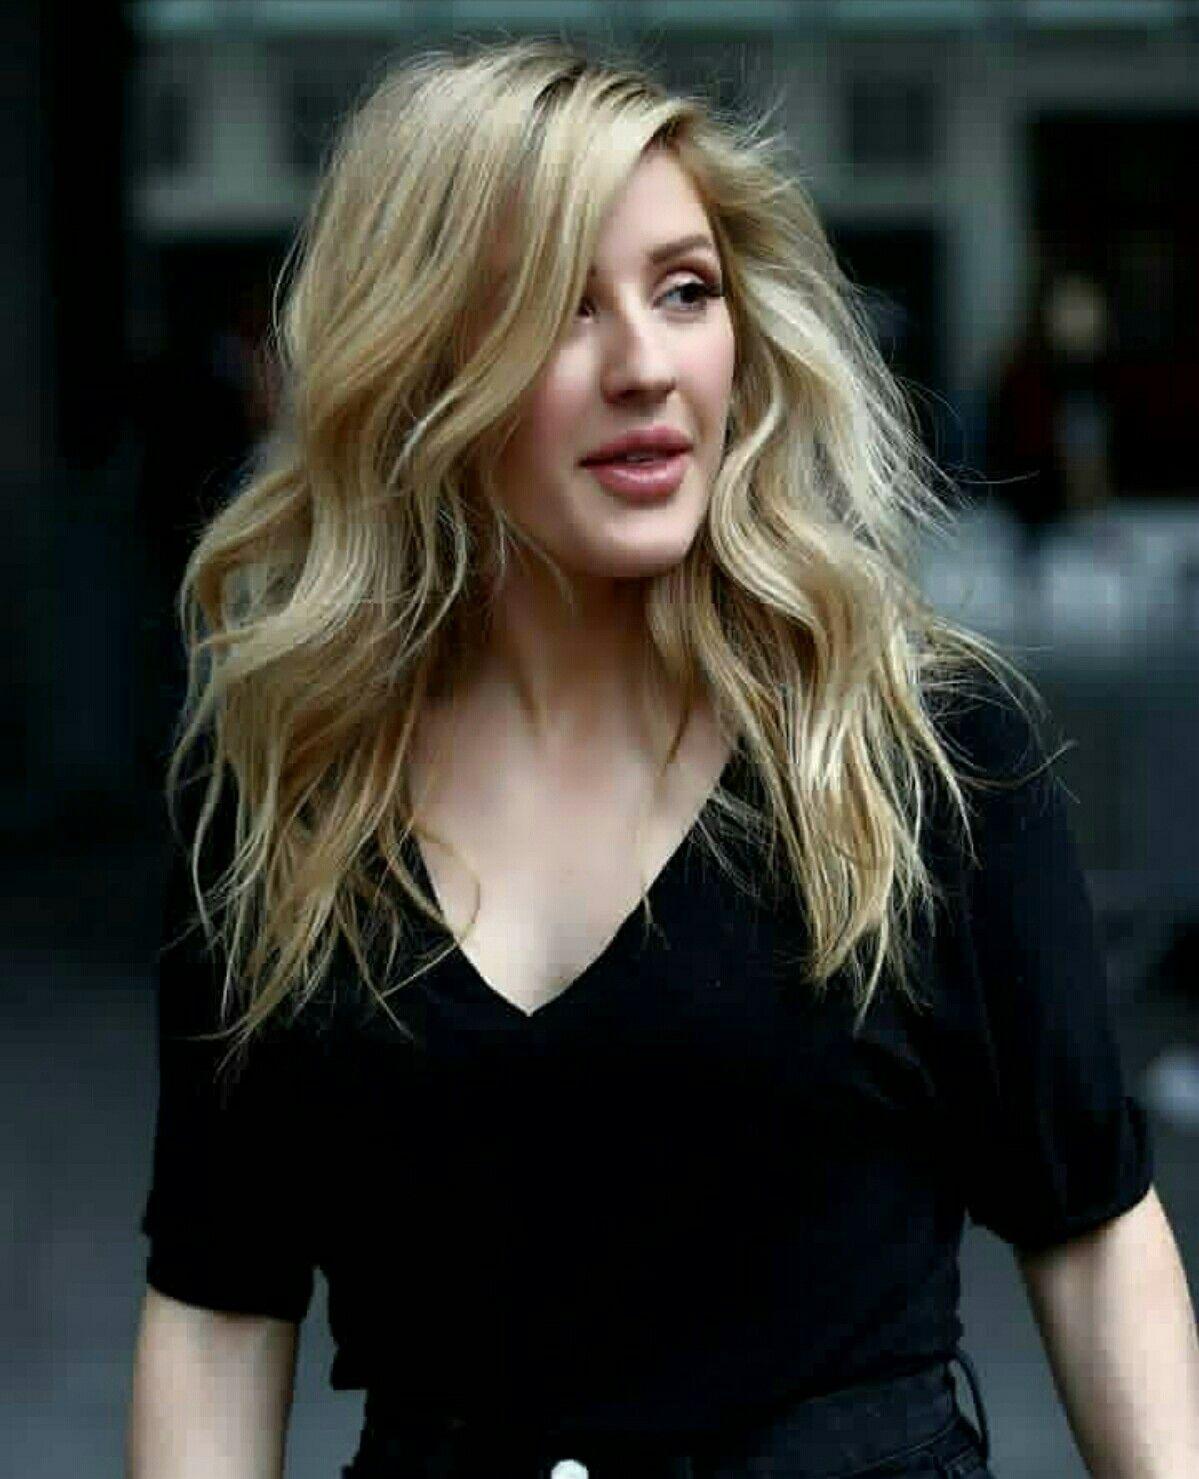 Ellie Goulding So Beautiful Girl Crushes Ellie Goulding